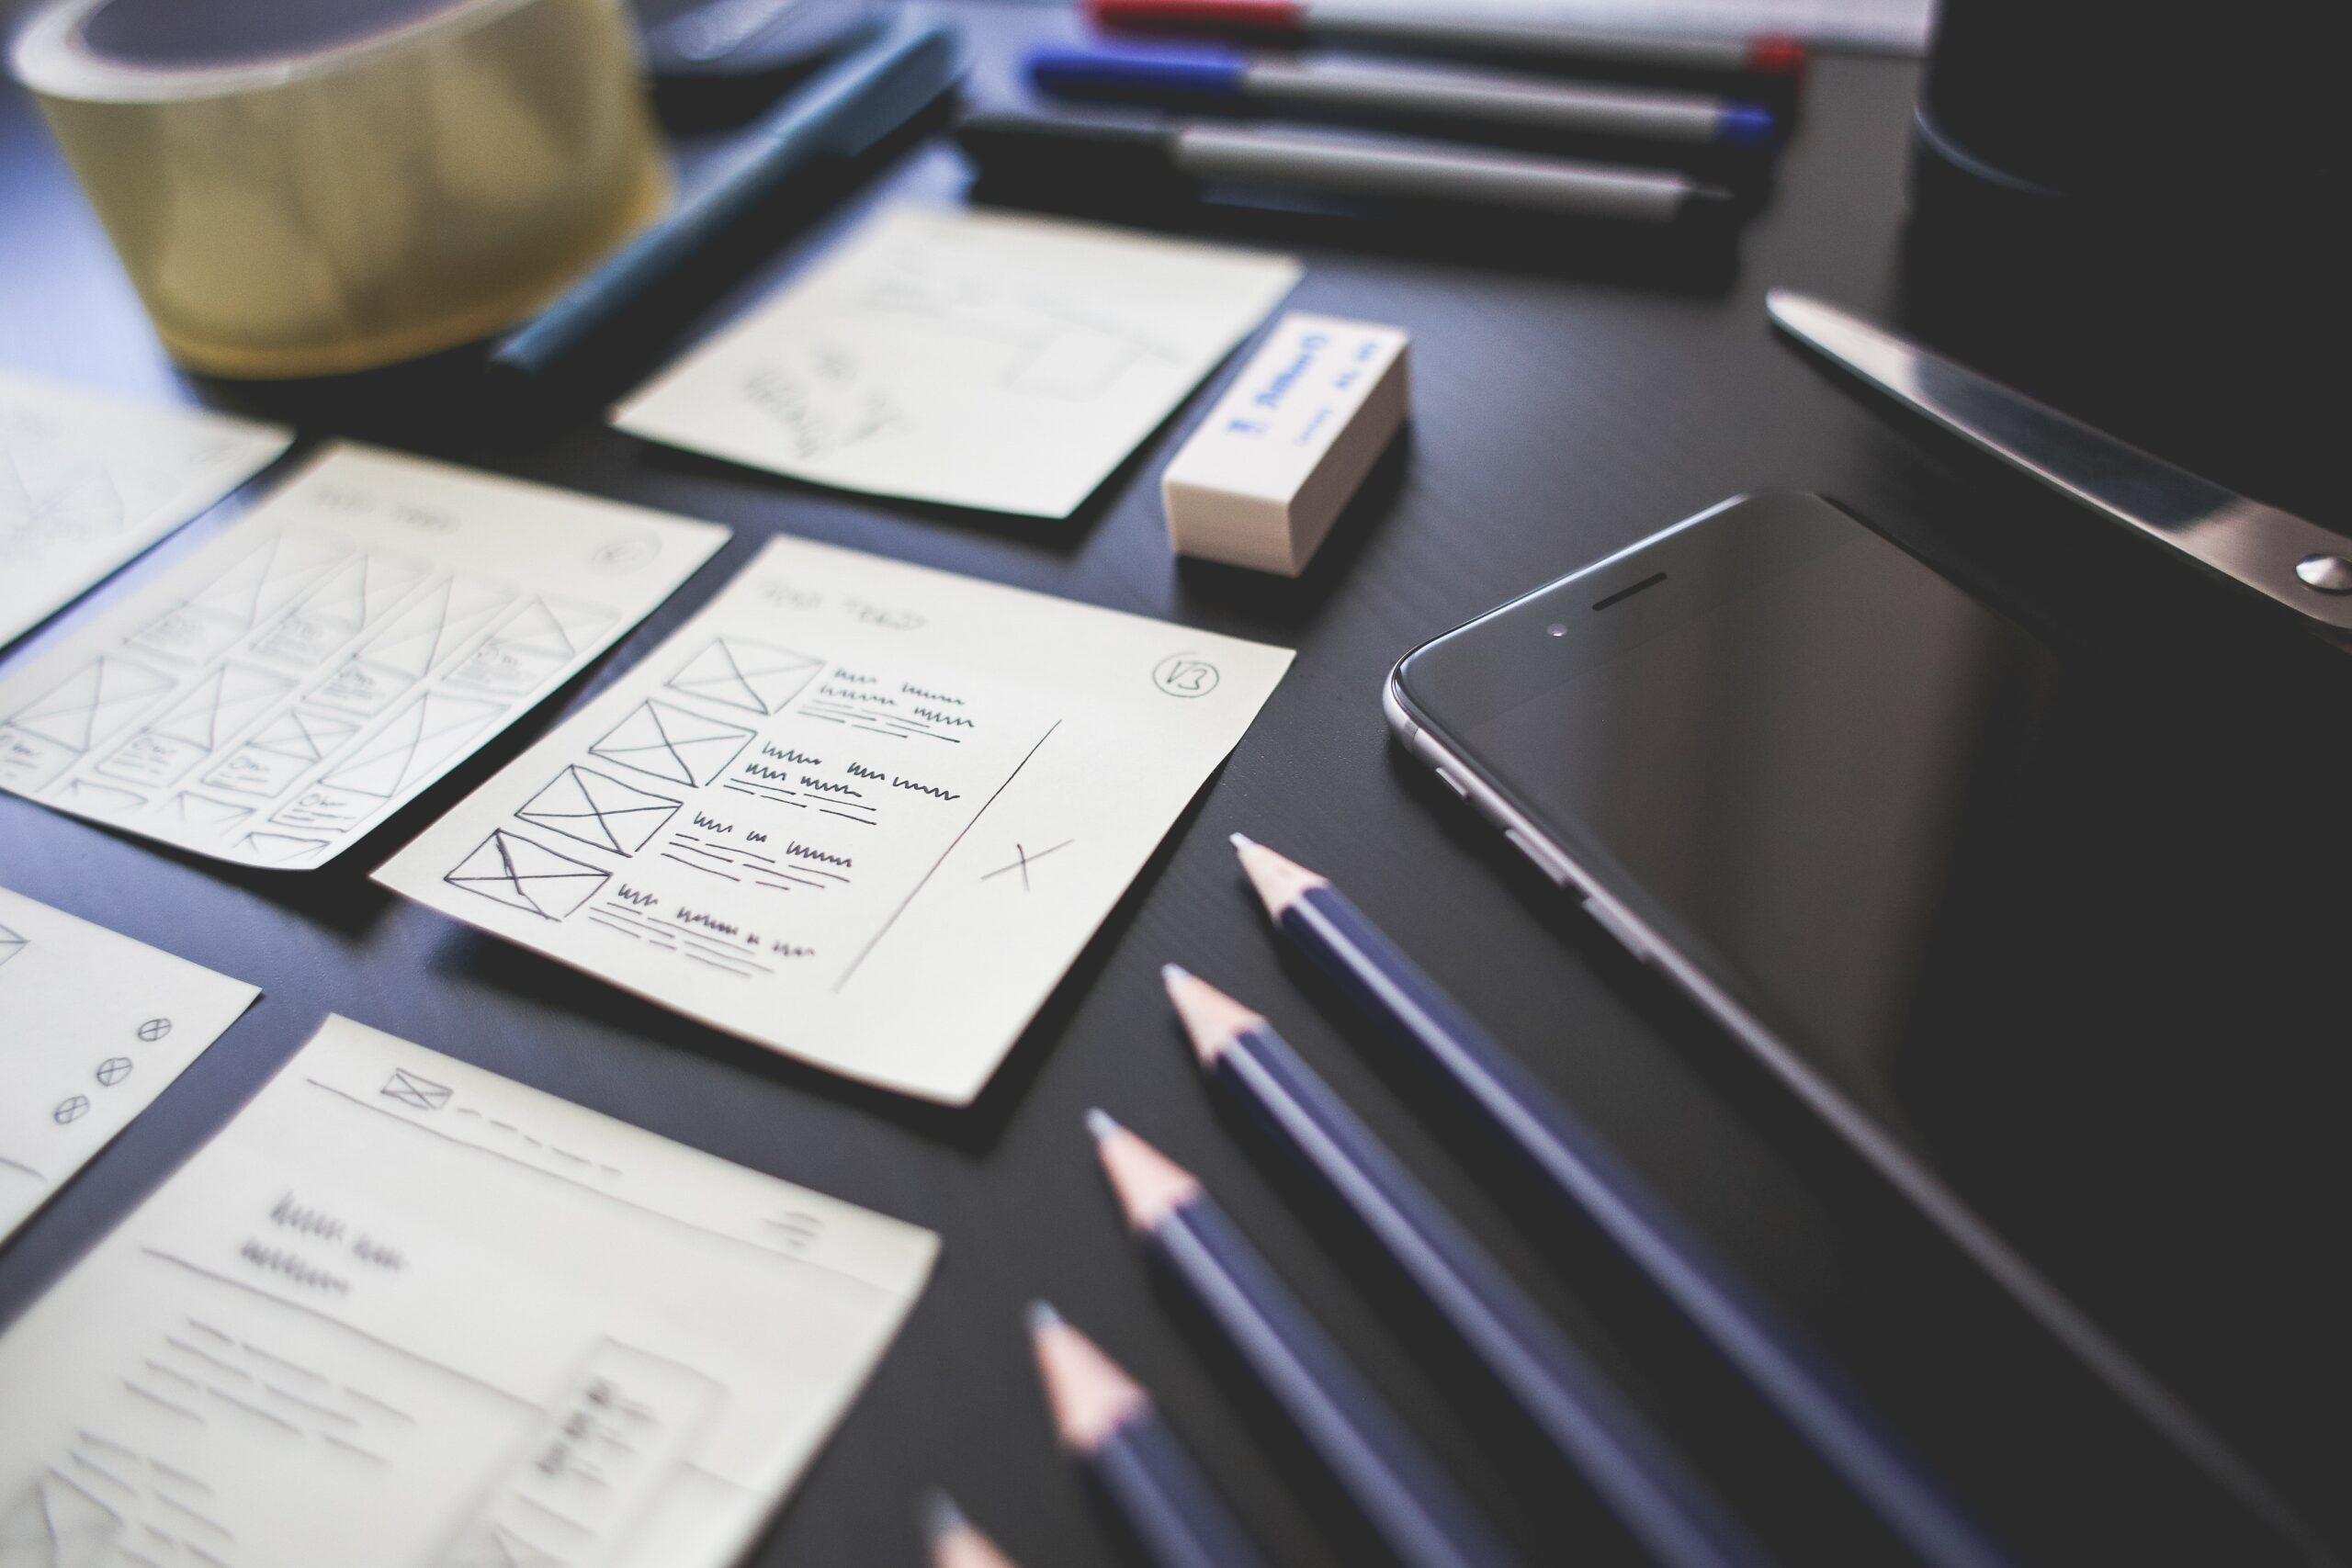 ux and uni design